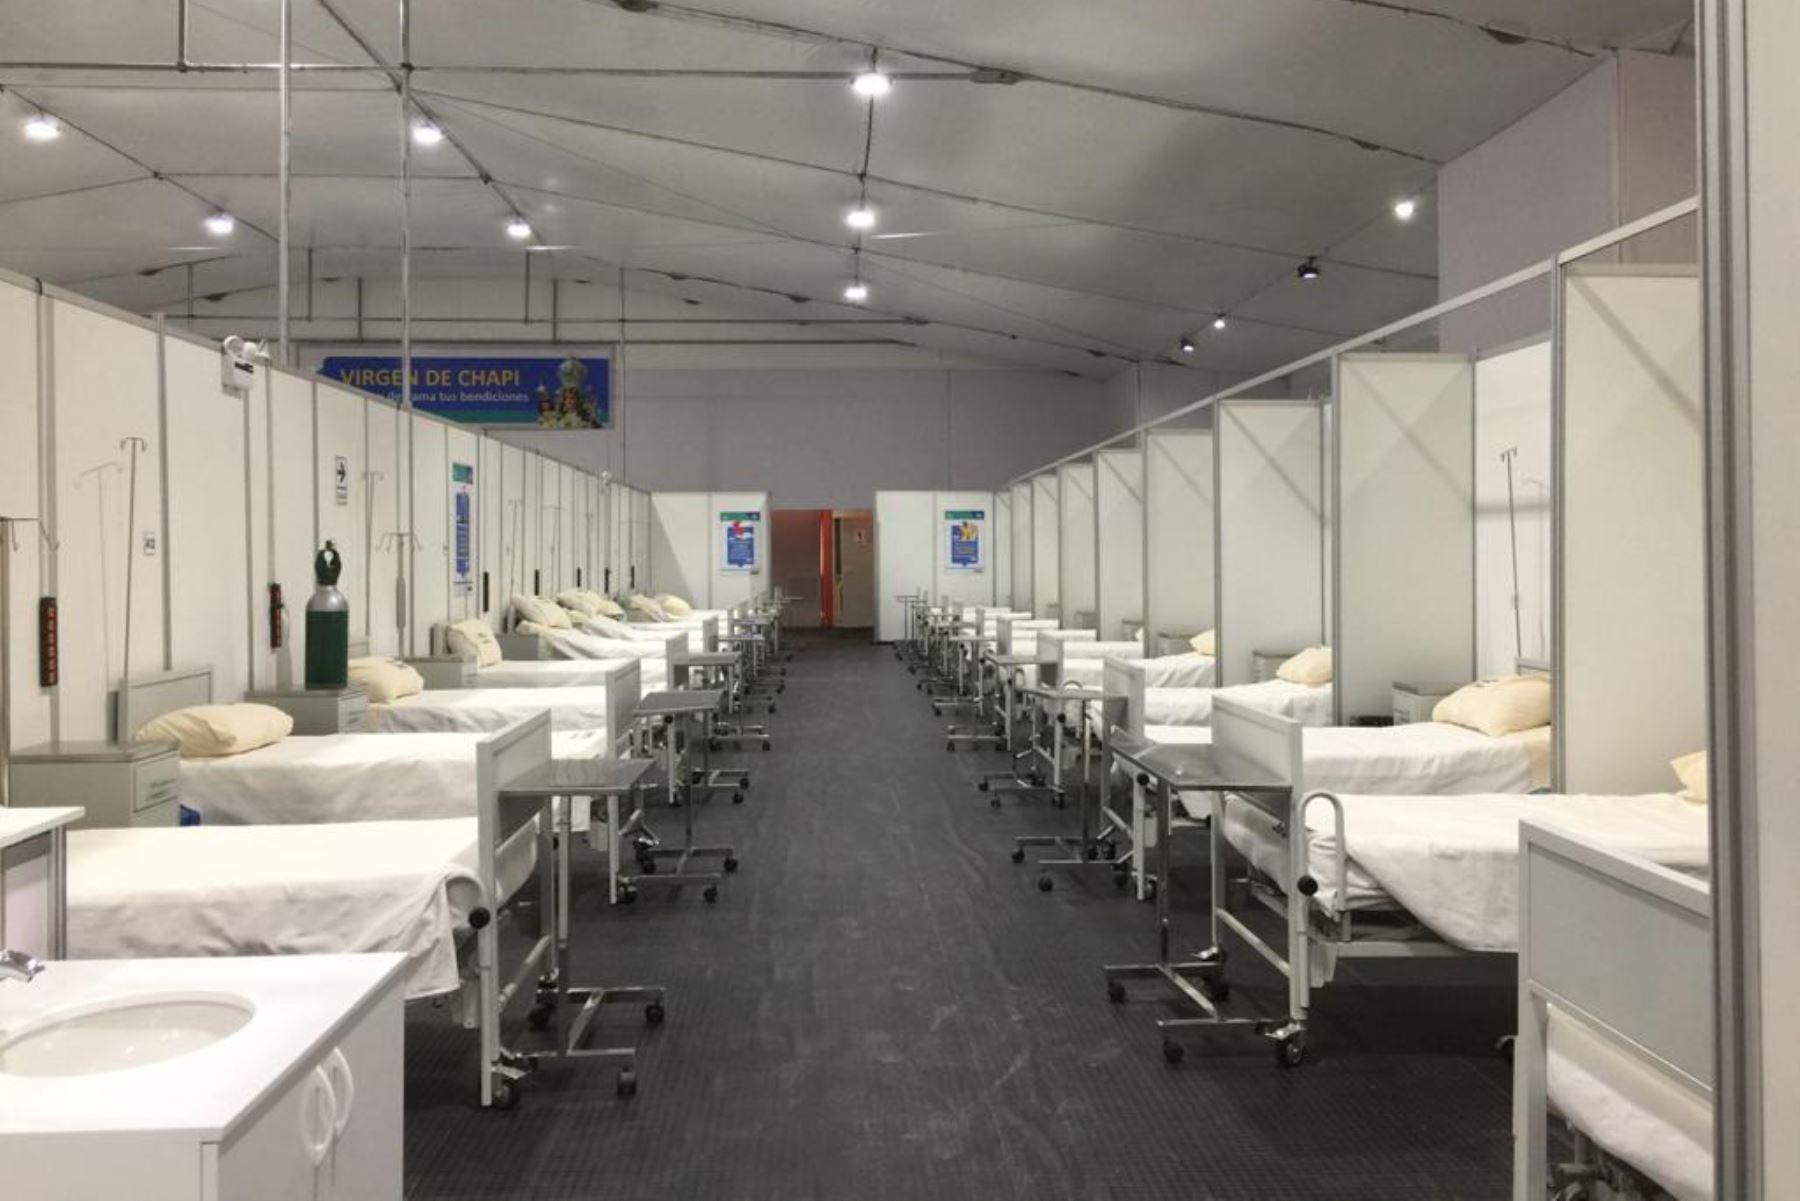 La disponibilidad de camas en Arequipa obedece a que en las últimas semanas se ha observado un descenso sostenido de pacientes con el virus. Foto: ANDINA/Difusión